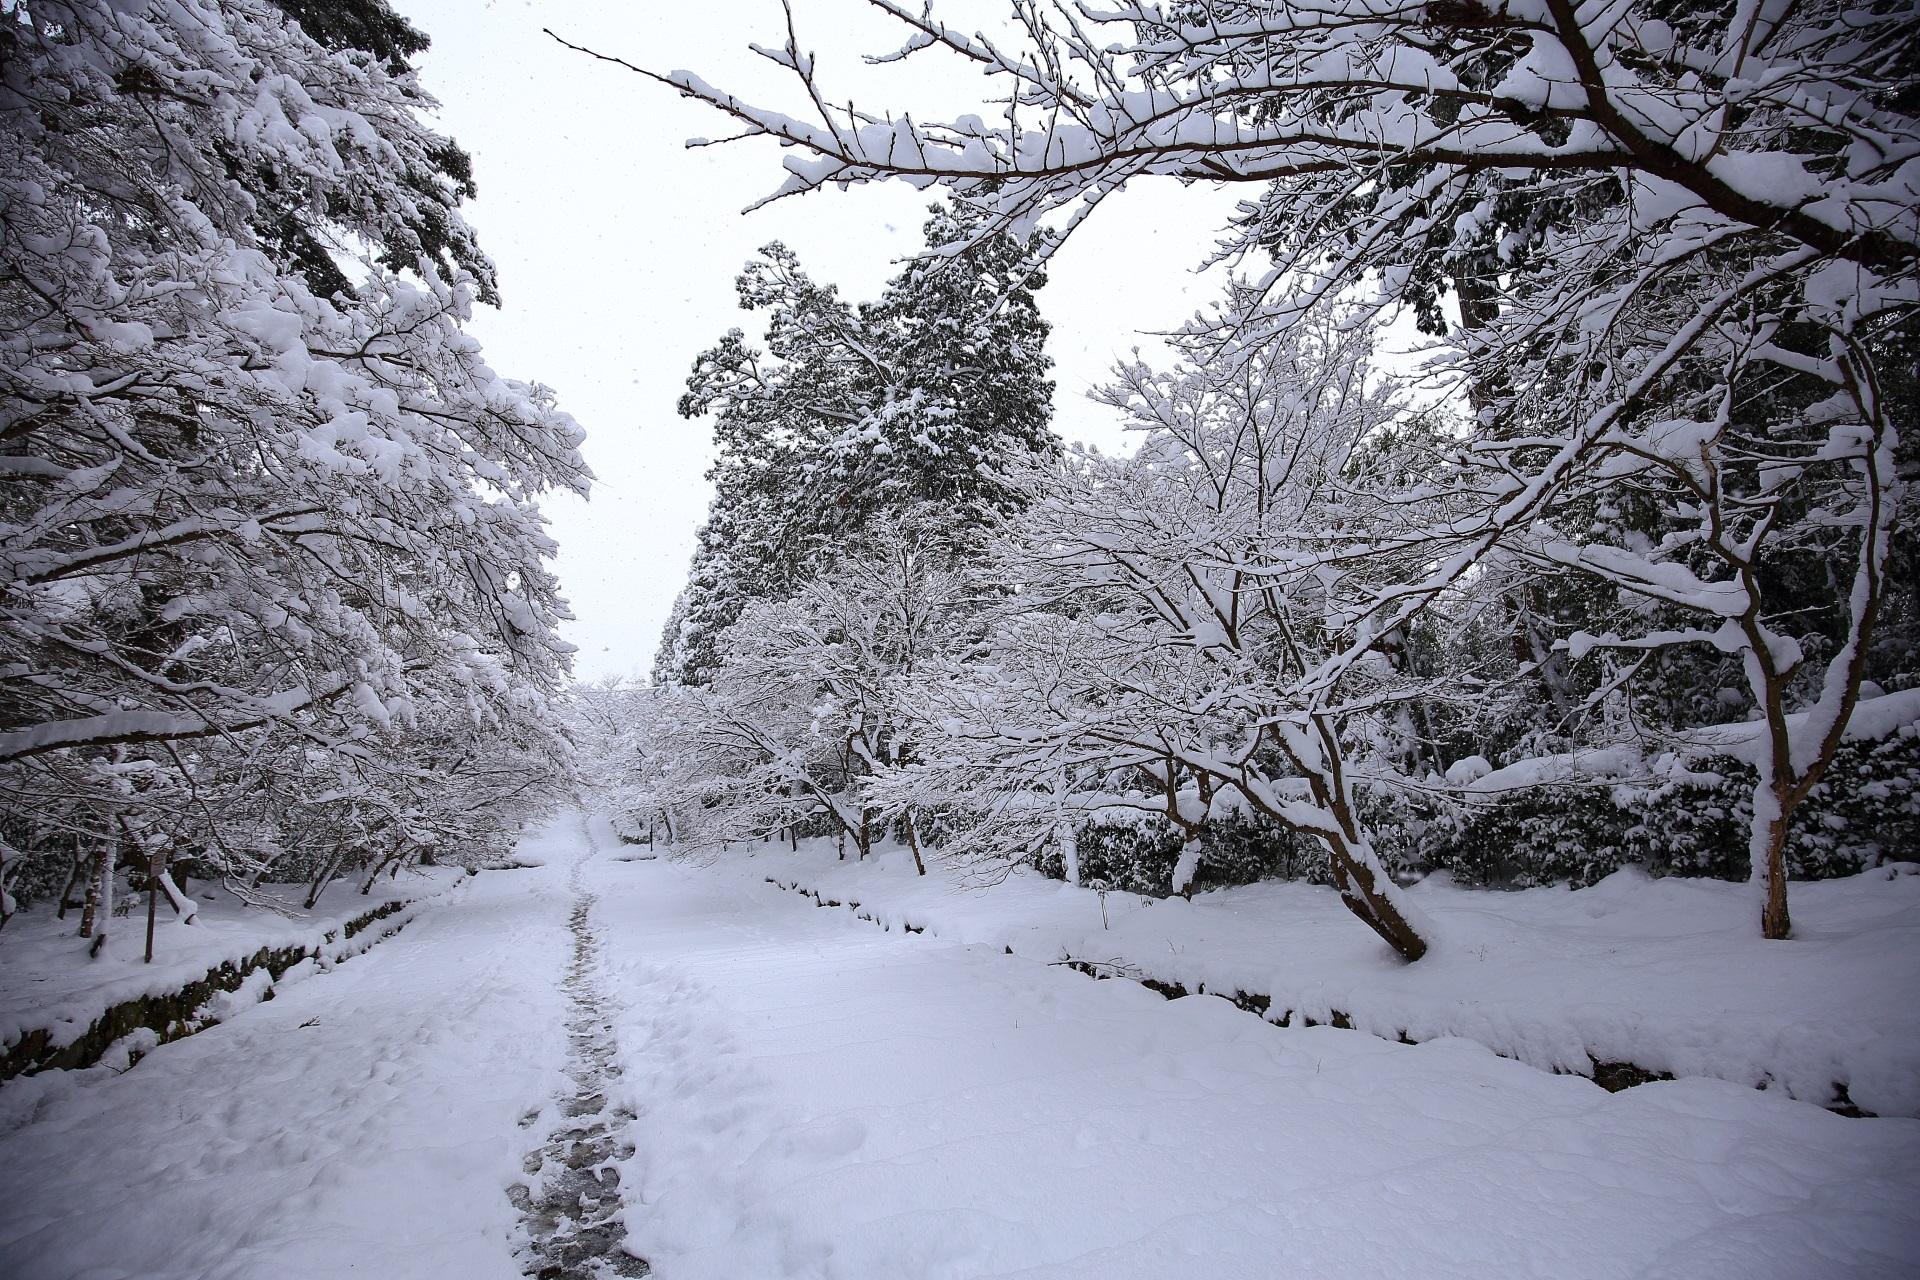 二尊院の足跡の残る雪景色